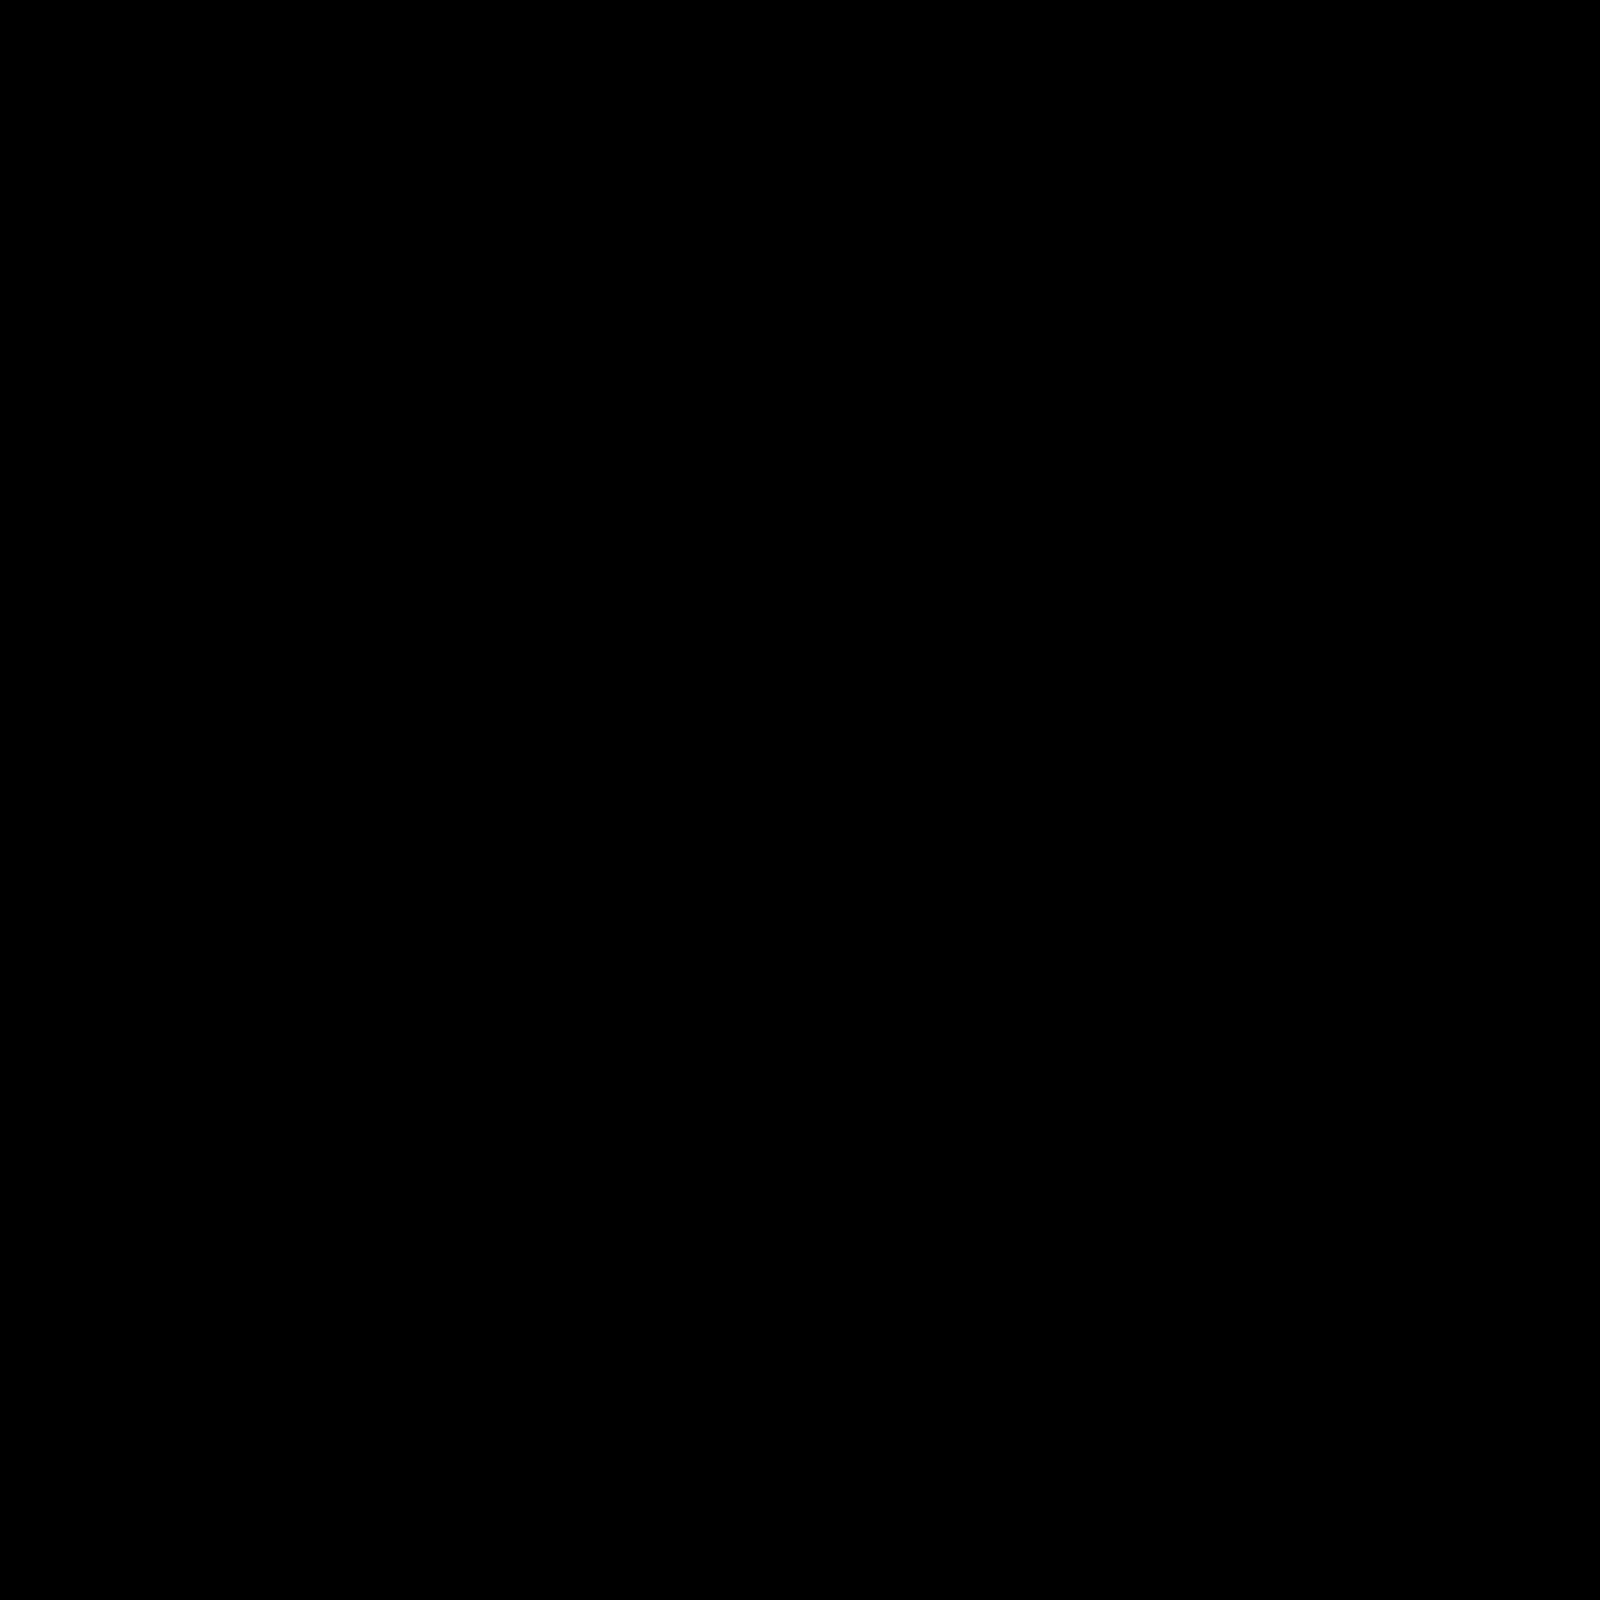 右に回転 icon. The icon resembles a circle. The top curved part of the circle has a point that is aiming towards the right. Starting from the middle left all the way around to the arrow point the line is dotted with dashes.